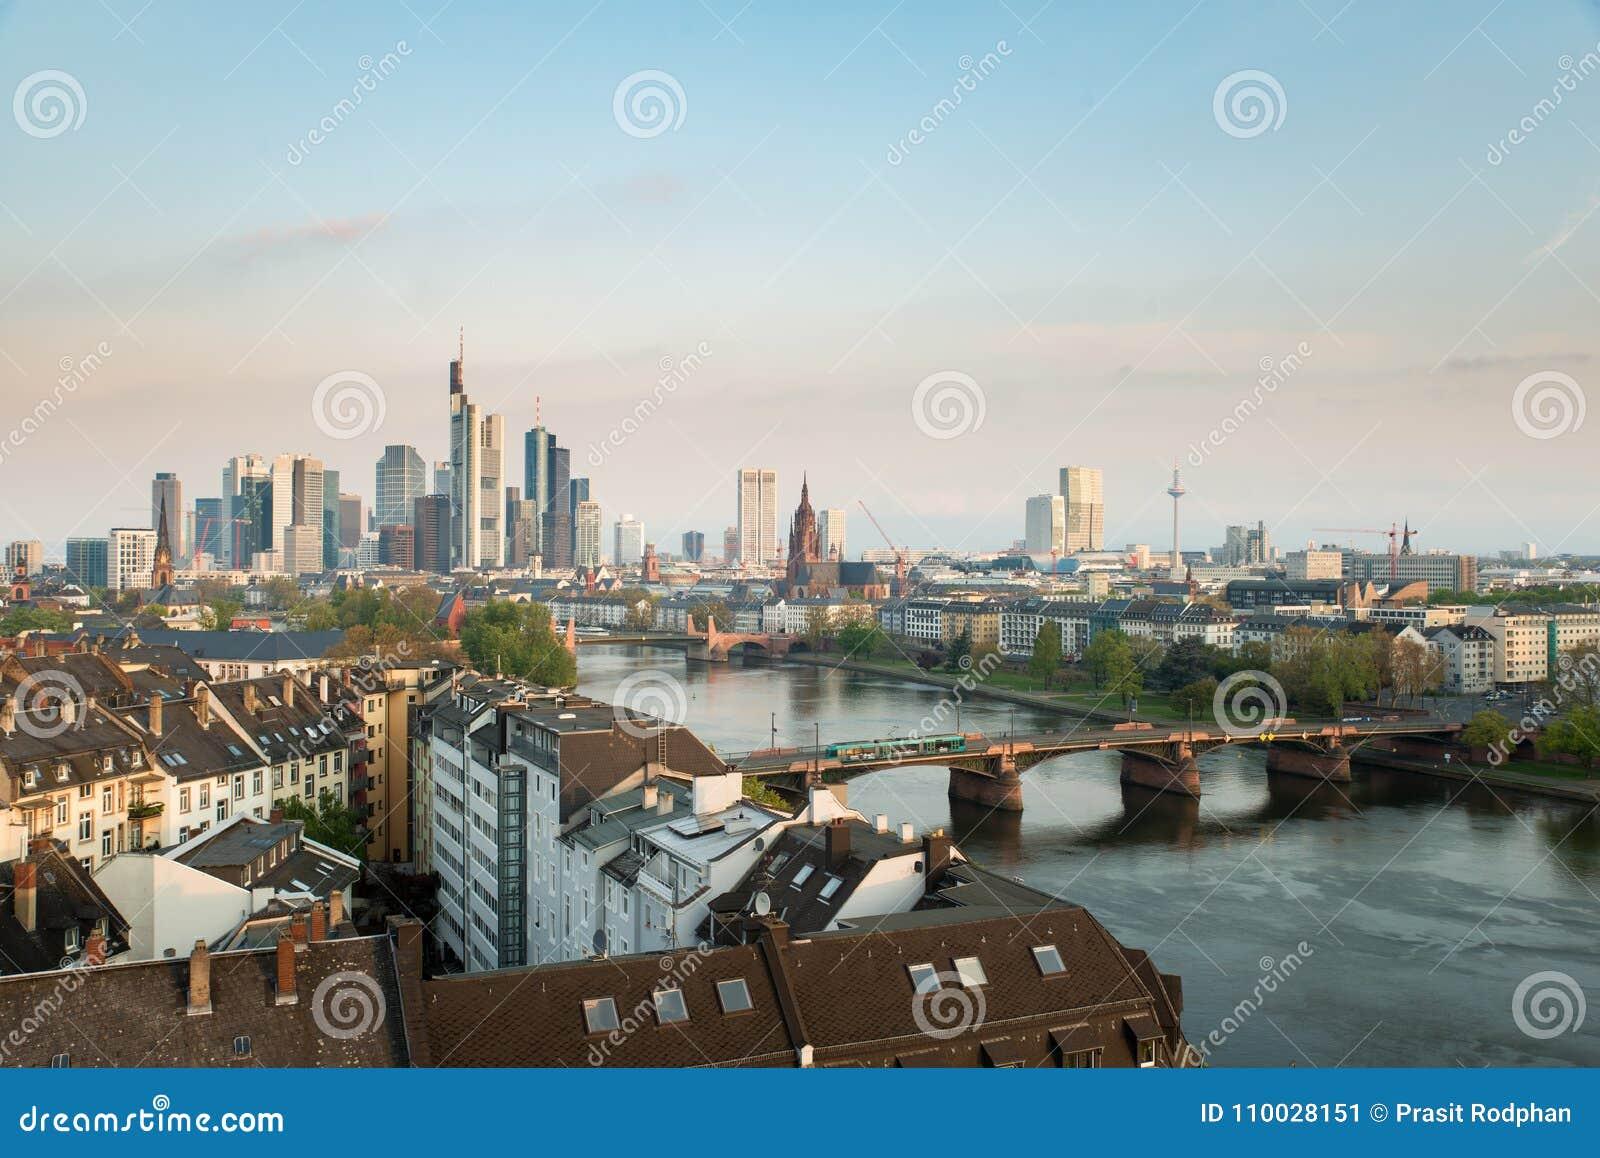 Frankfurt-am-Main Beeld van de horizon van Frankfurt-am-Main bij ochtend